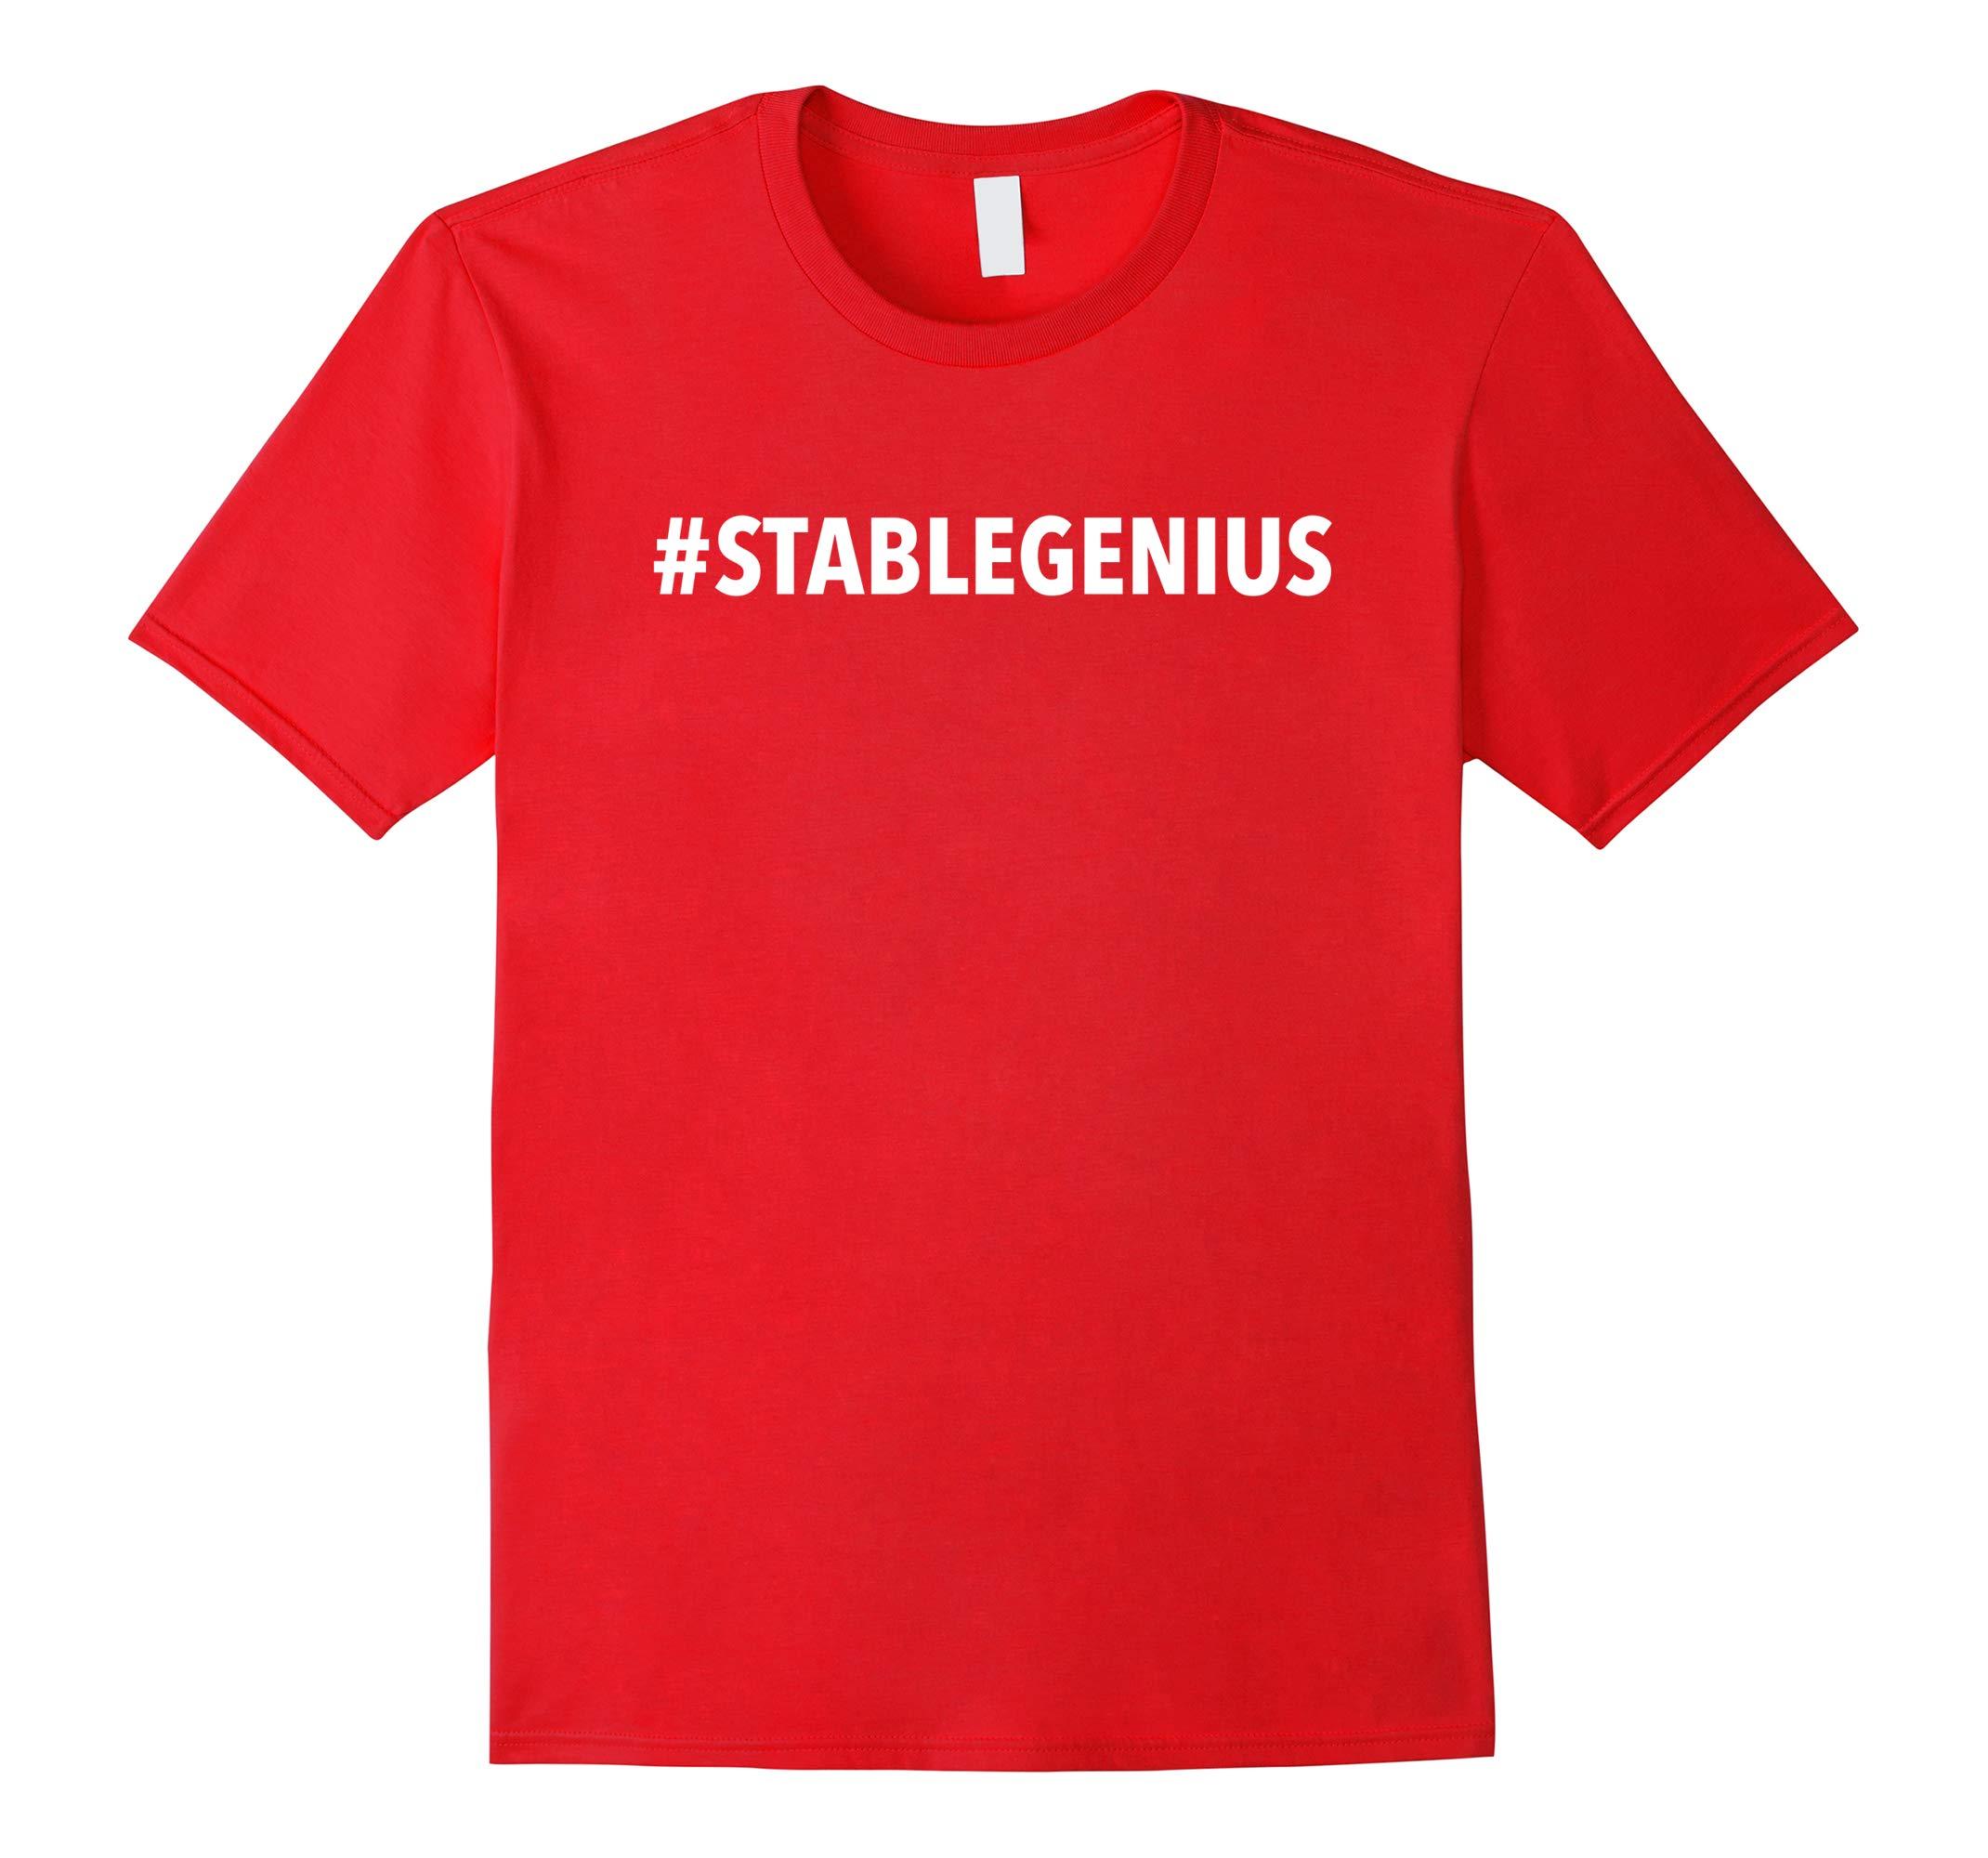 #StableGenius - Hashtag Stable Genius - Funny Trump Shirt-RT